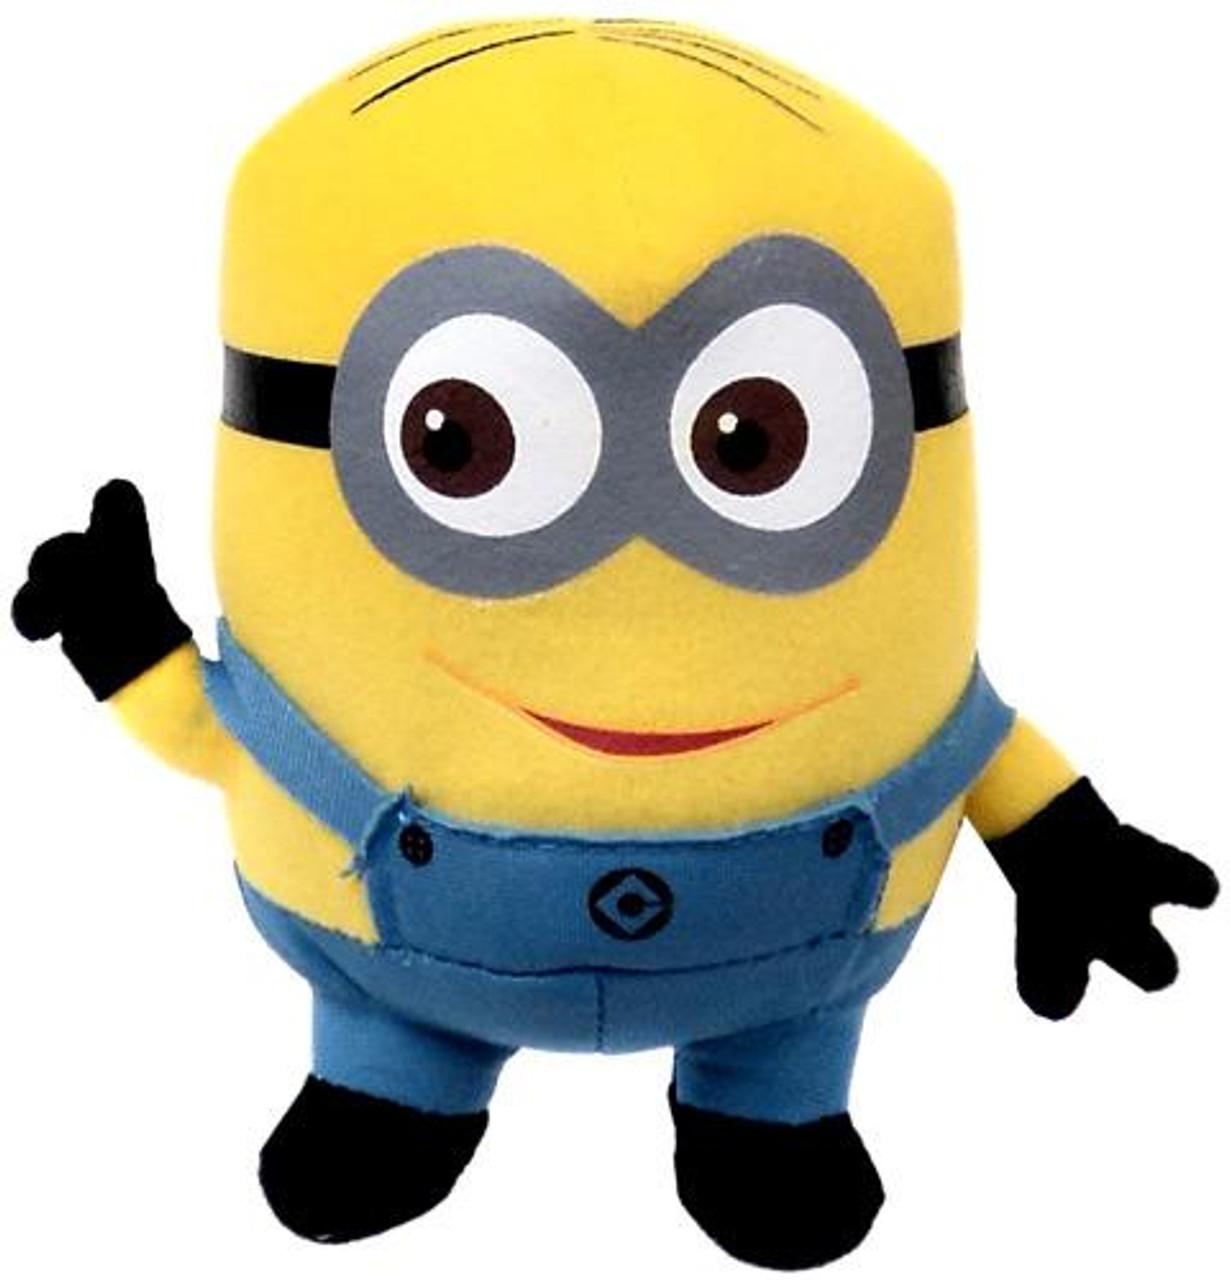 Despicable Me 2 Minion Dave 7-Inch Plush Figure